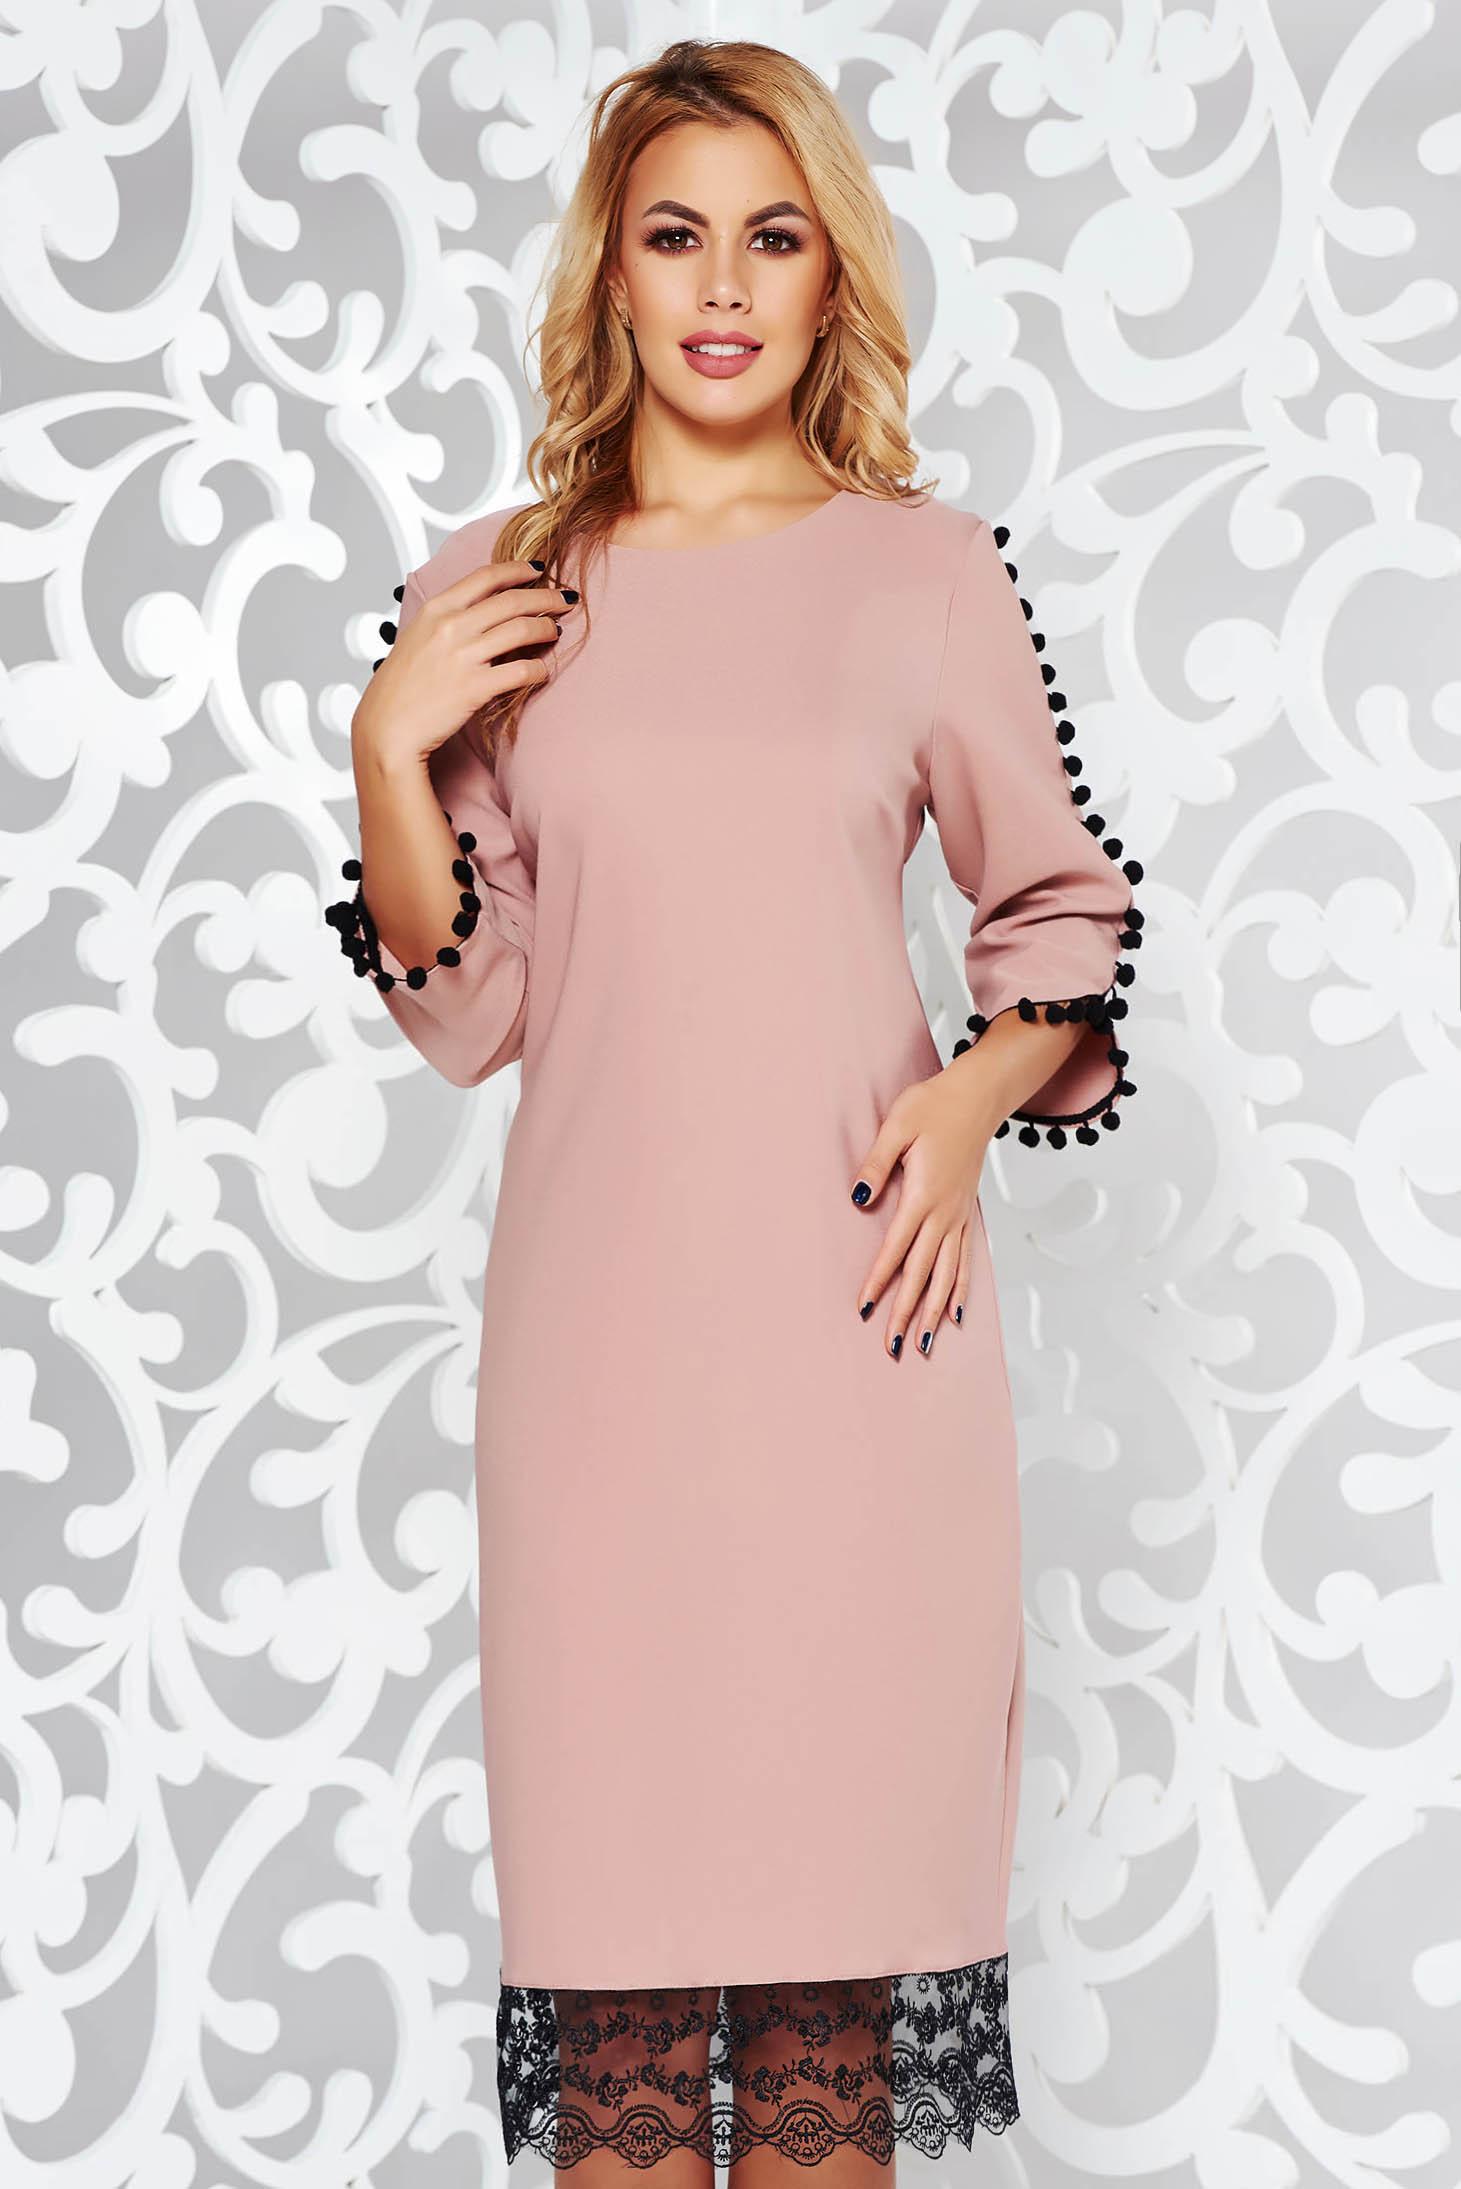 Rózsaszínű ruha elegáns bő szabású enyhén rugalmas anyag csipke díszítéssel bojtos